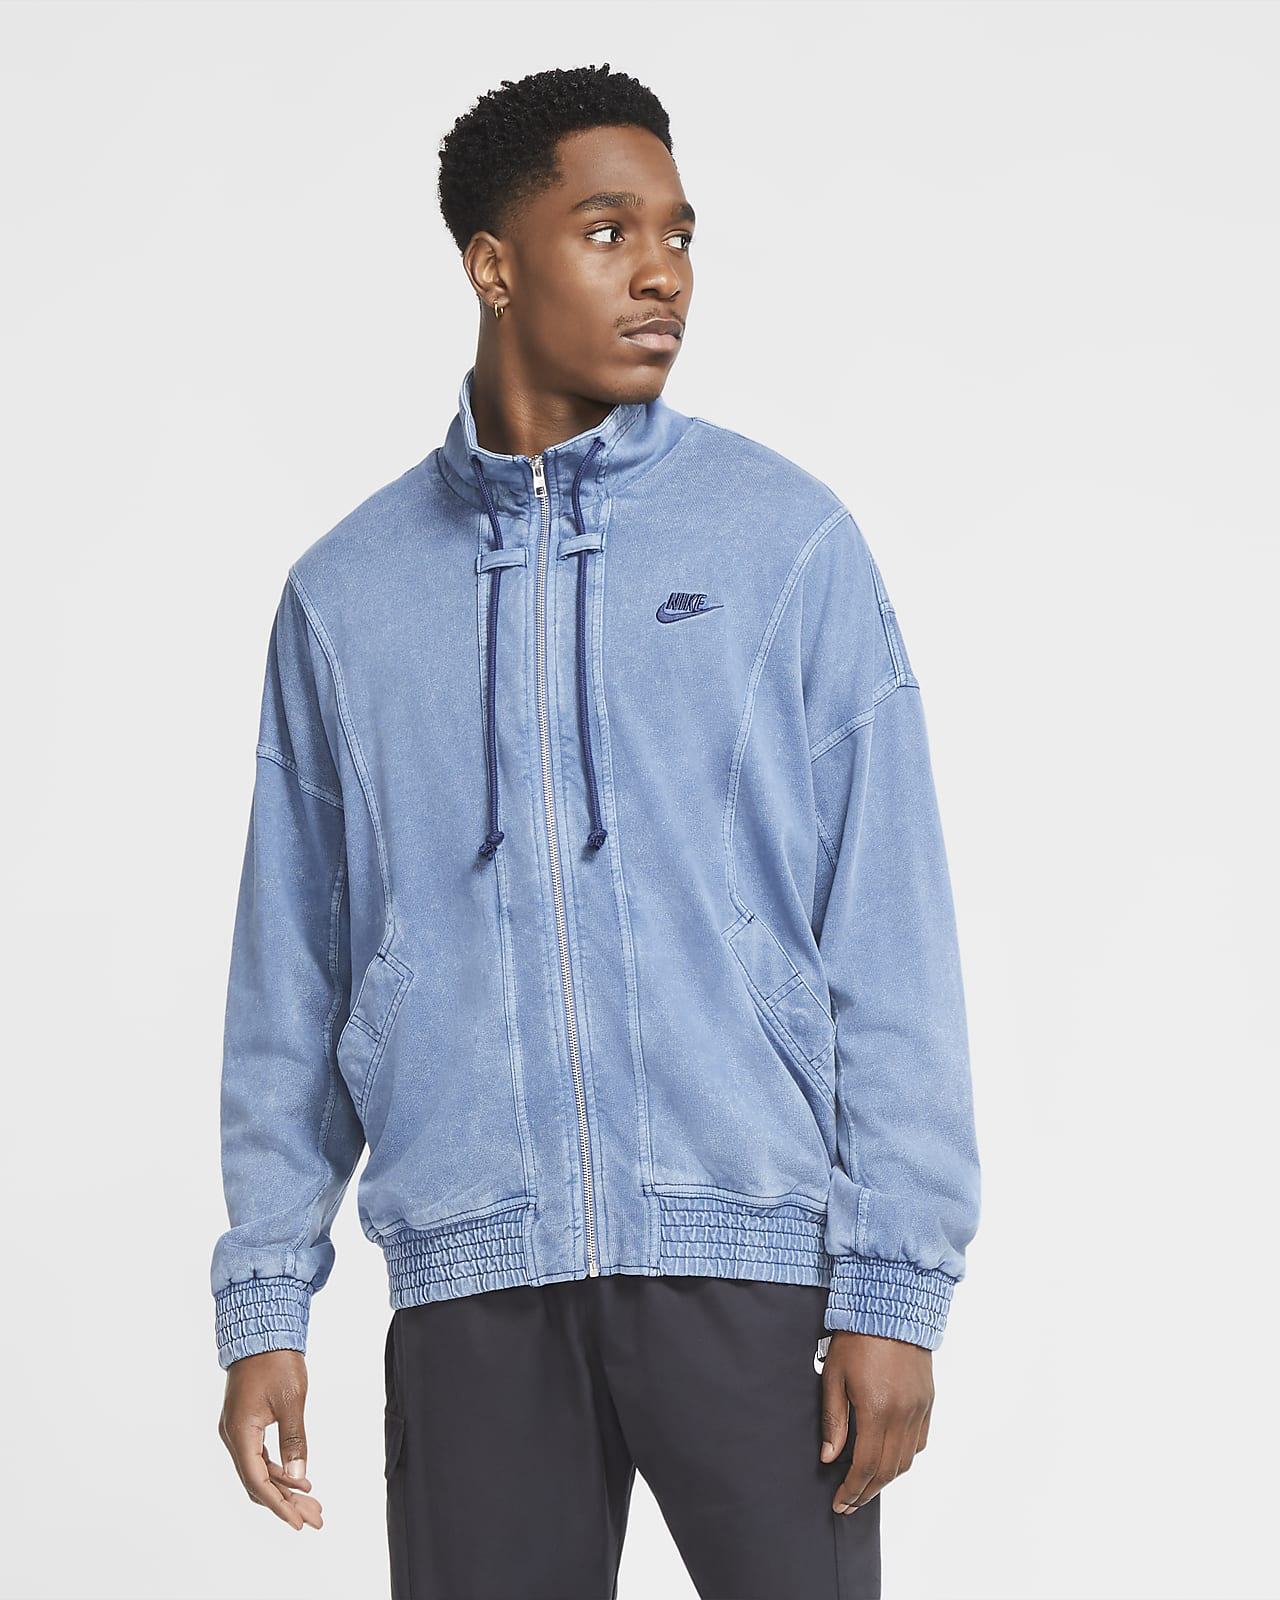 Nike Sportswear Herren-Strickjacke mit Waschung